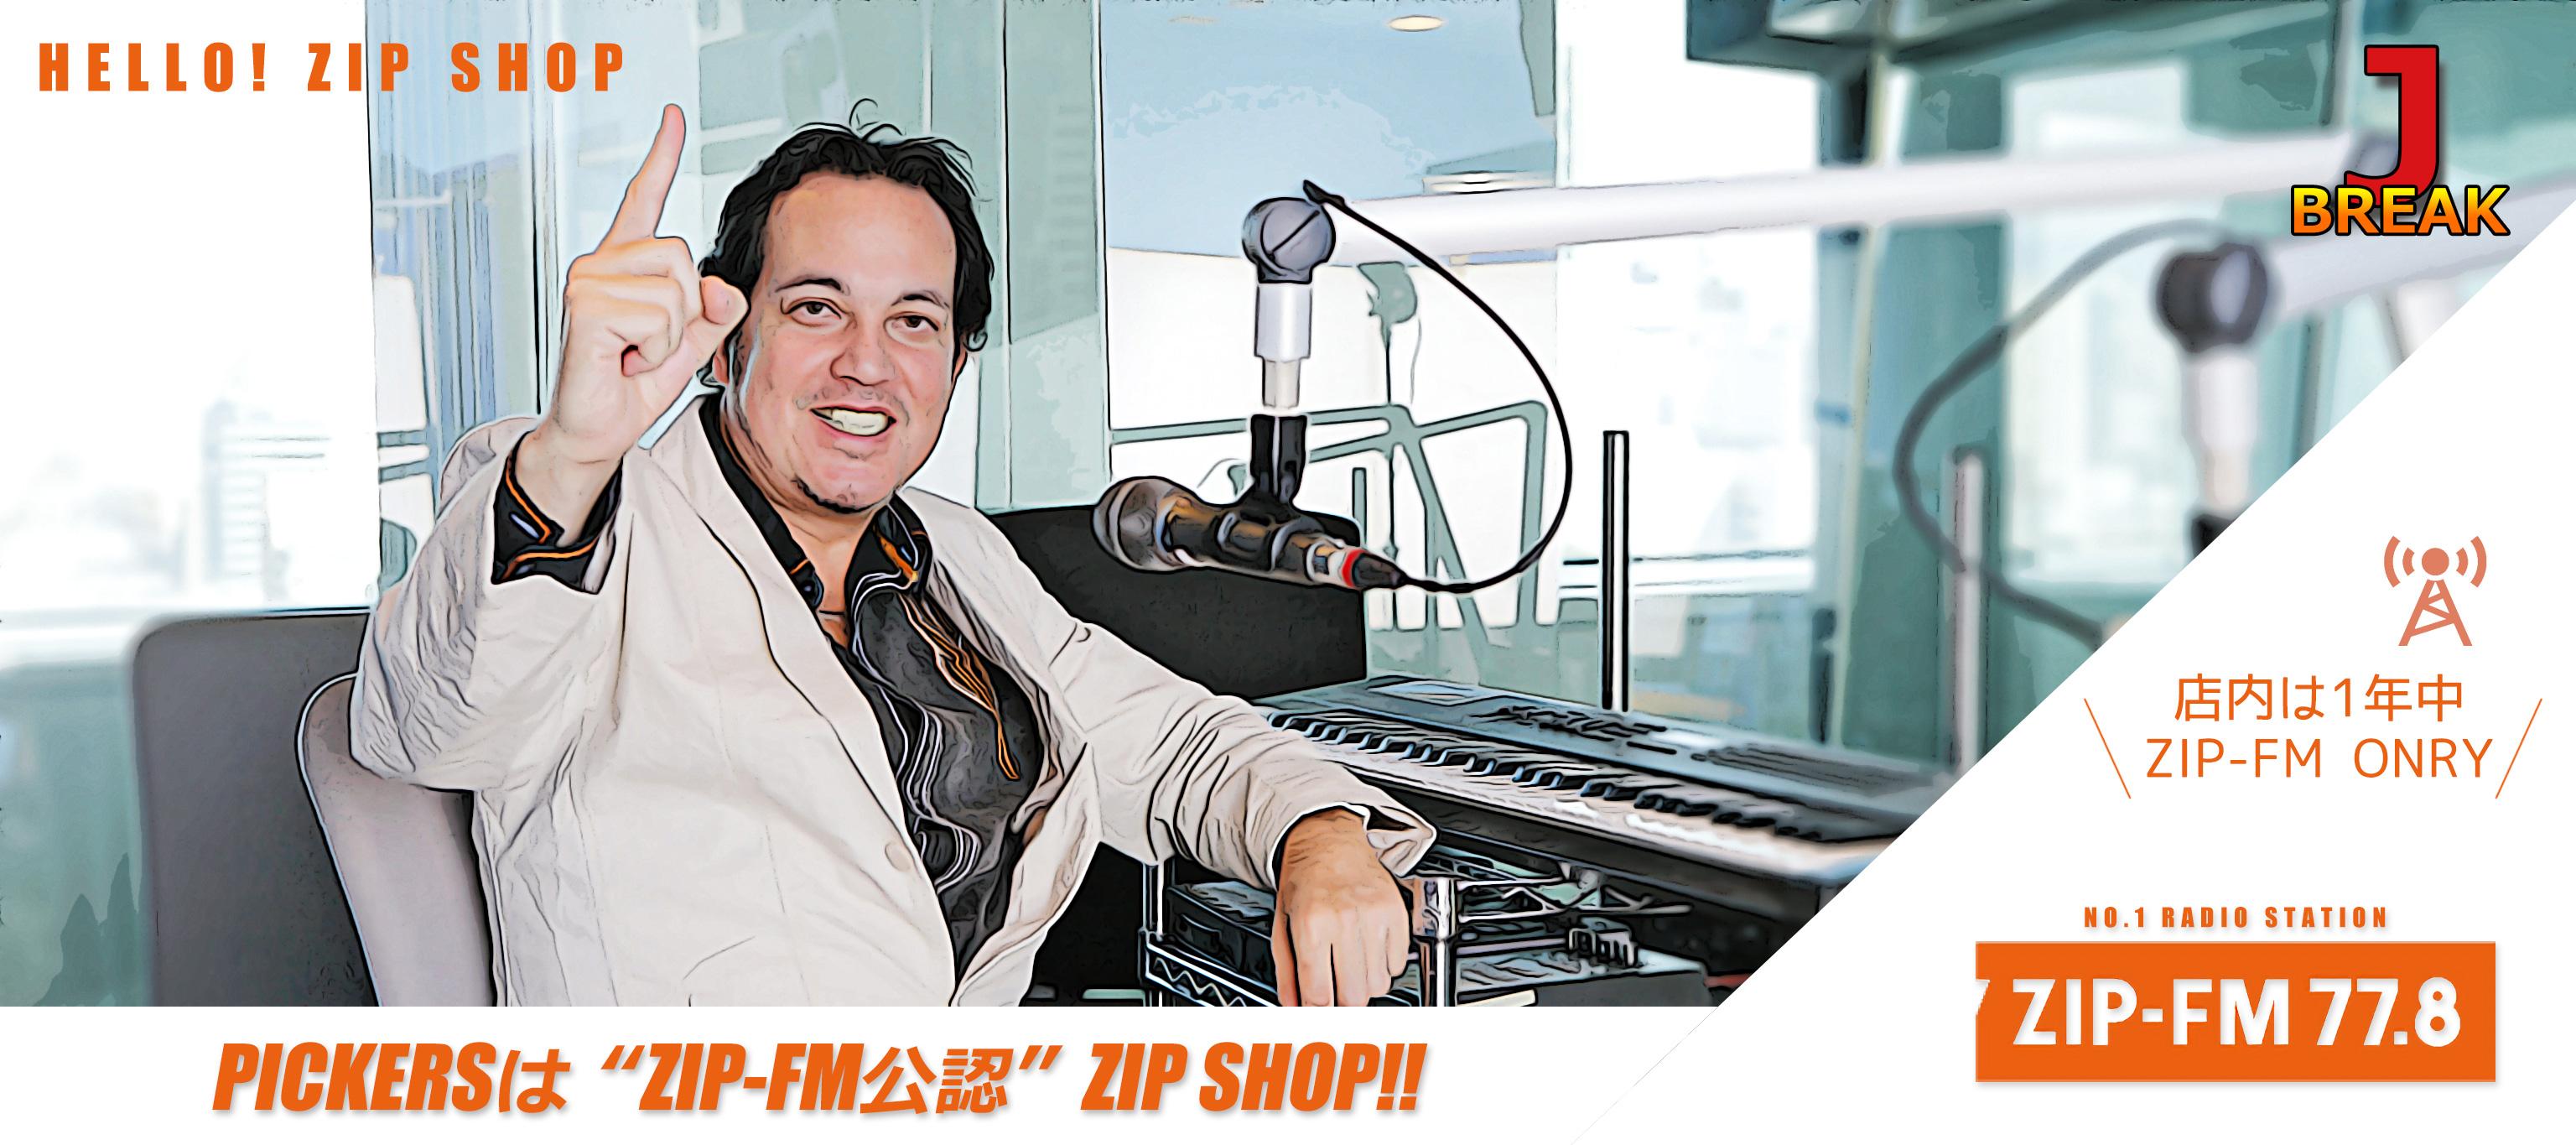 ZIP-SHOP